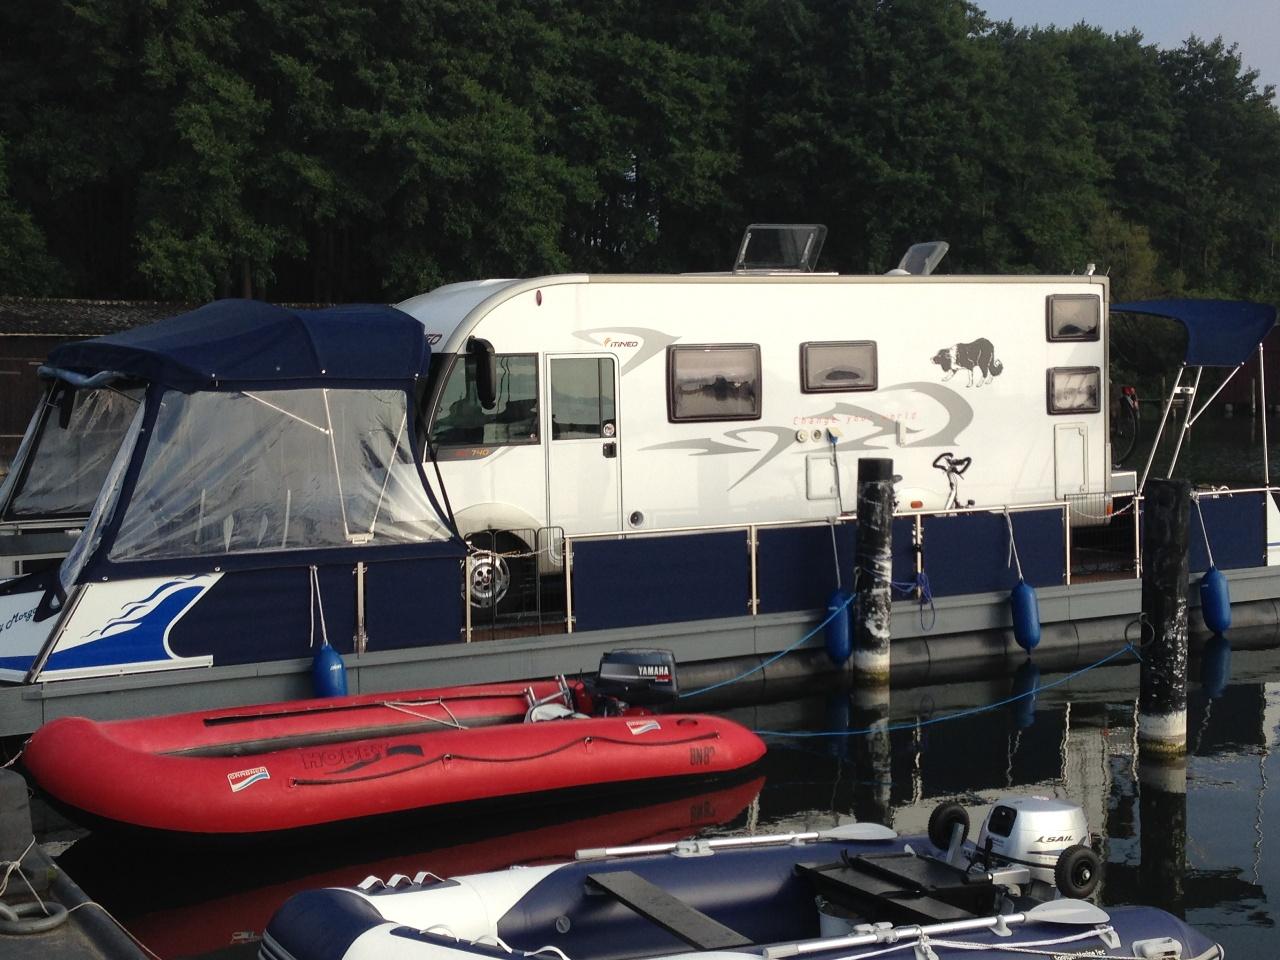 Wassercamper | Camping auf dem Wasser mit dem eigenen Wohnmobil